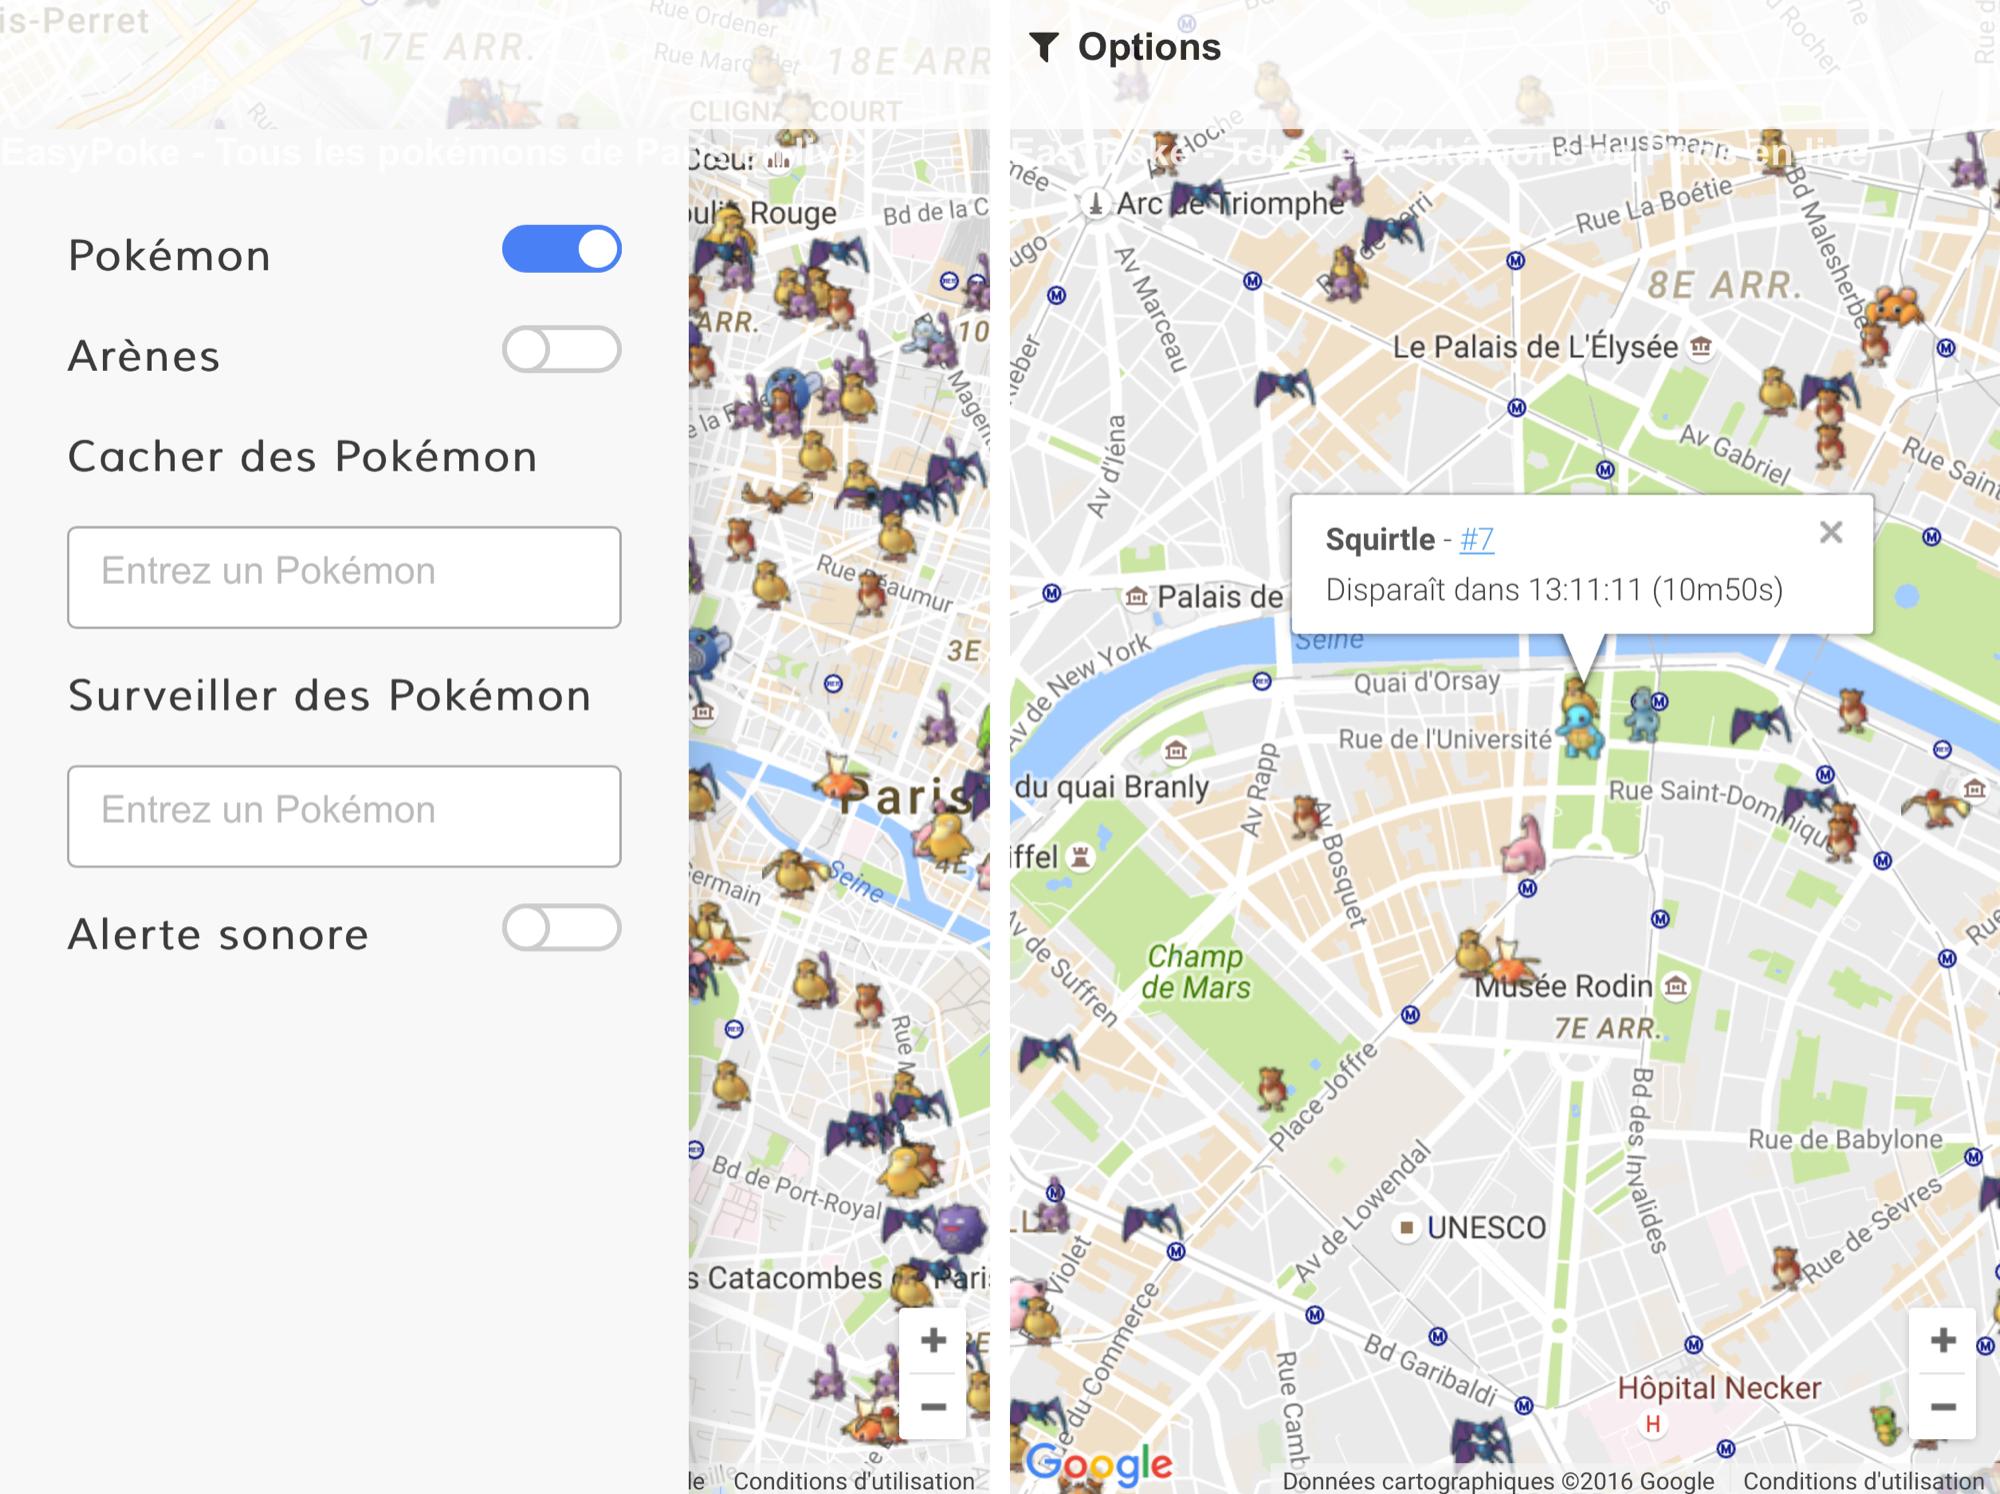 Pokémon GO : une carte en direct des Pokémon, Pokestop et arènes sur